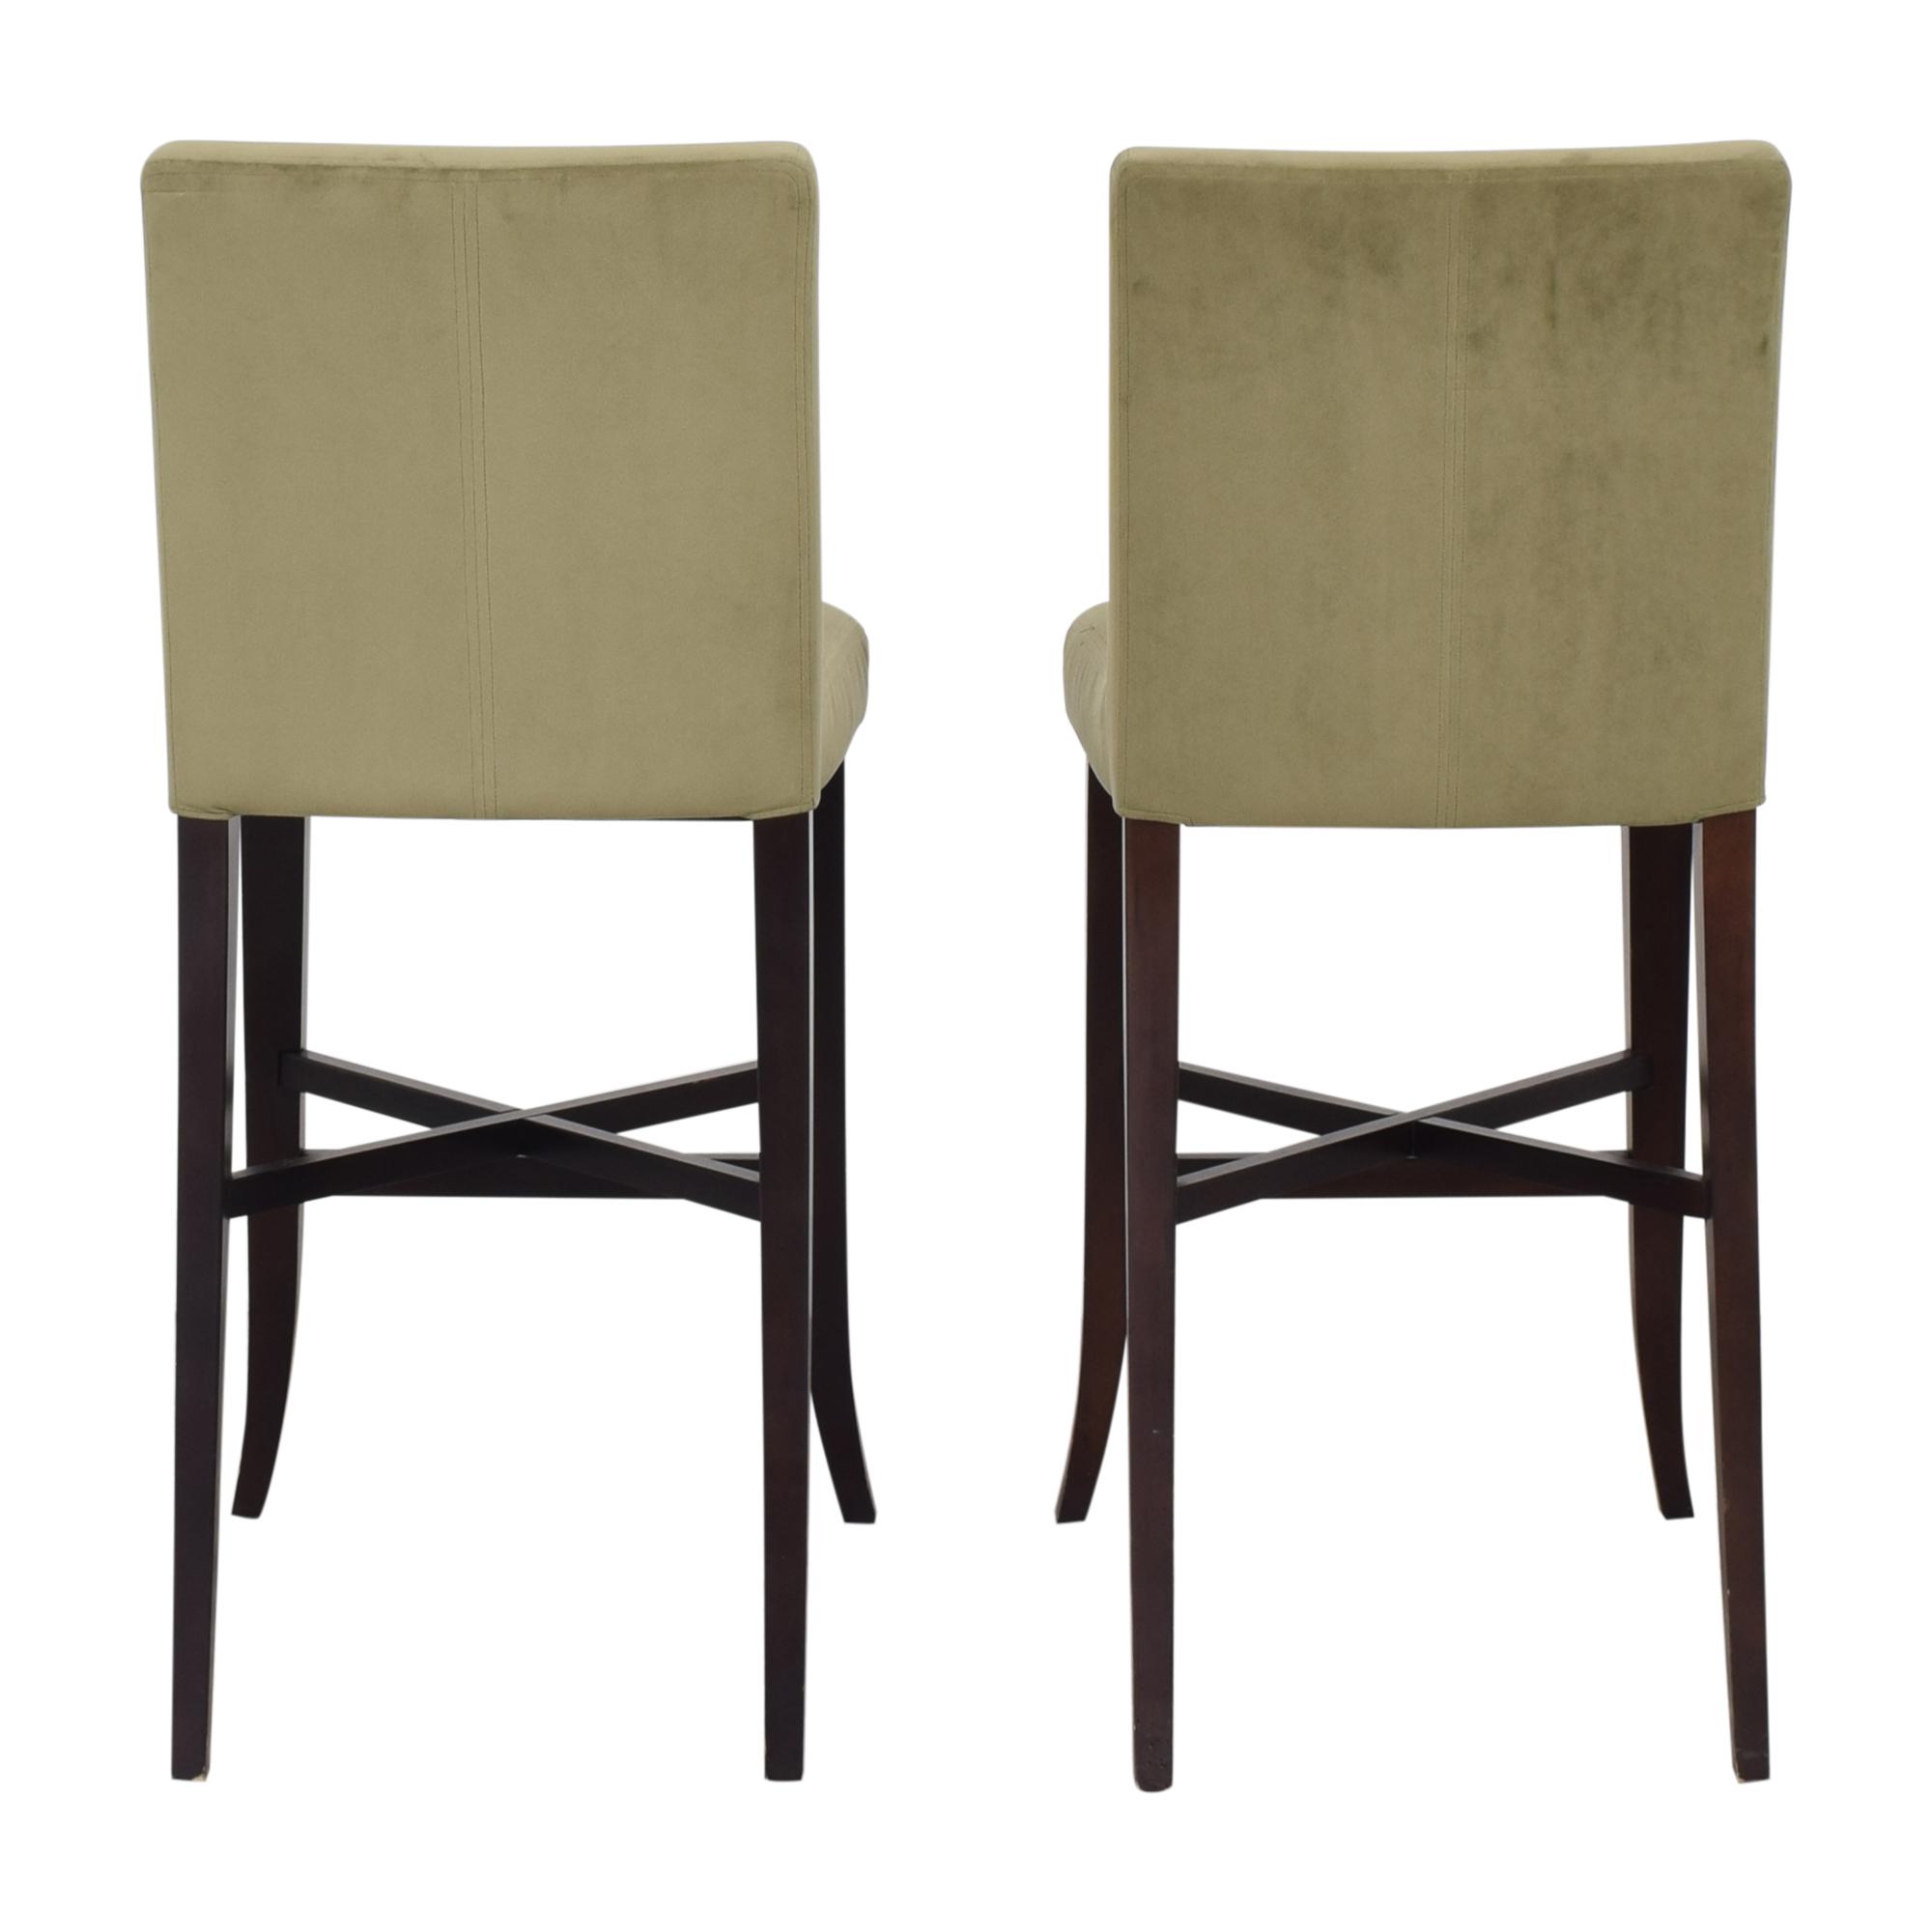 buy Crate & Barrel Upholstered Bar Stools Crate & Barrel